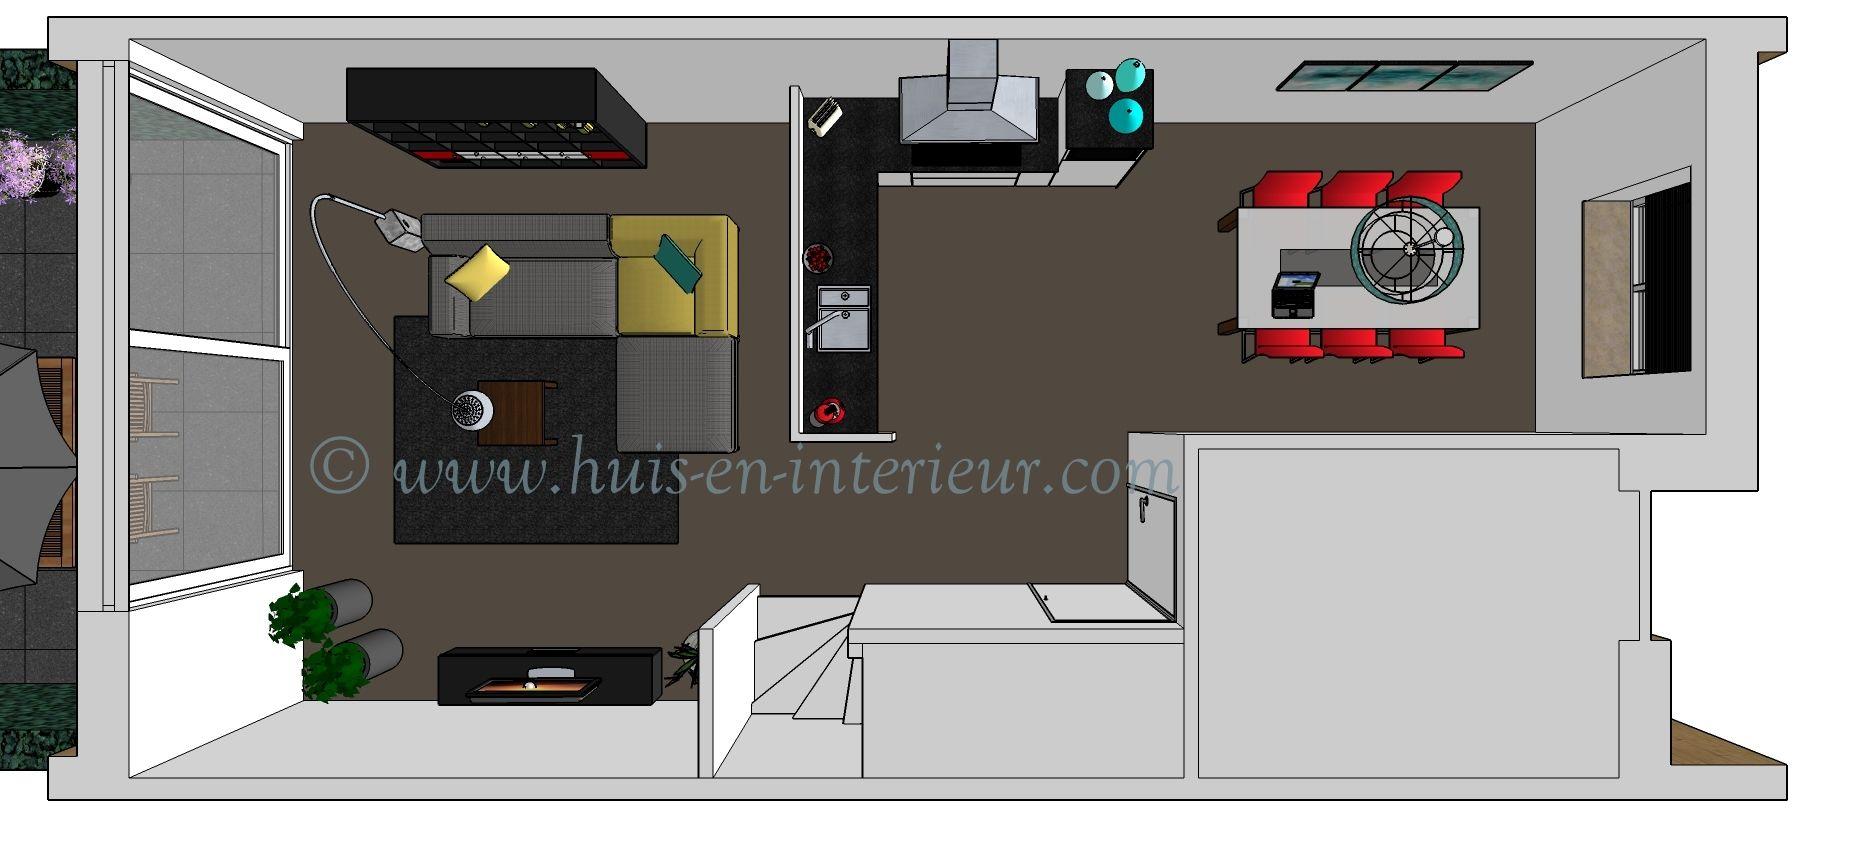 Ibba almere ontwerp 2 de keuken in het midden van de woning en een aparte eetkamer 3d - In het midden eiland keuken ...